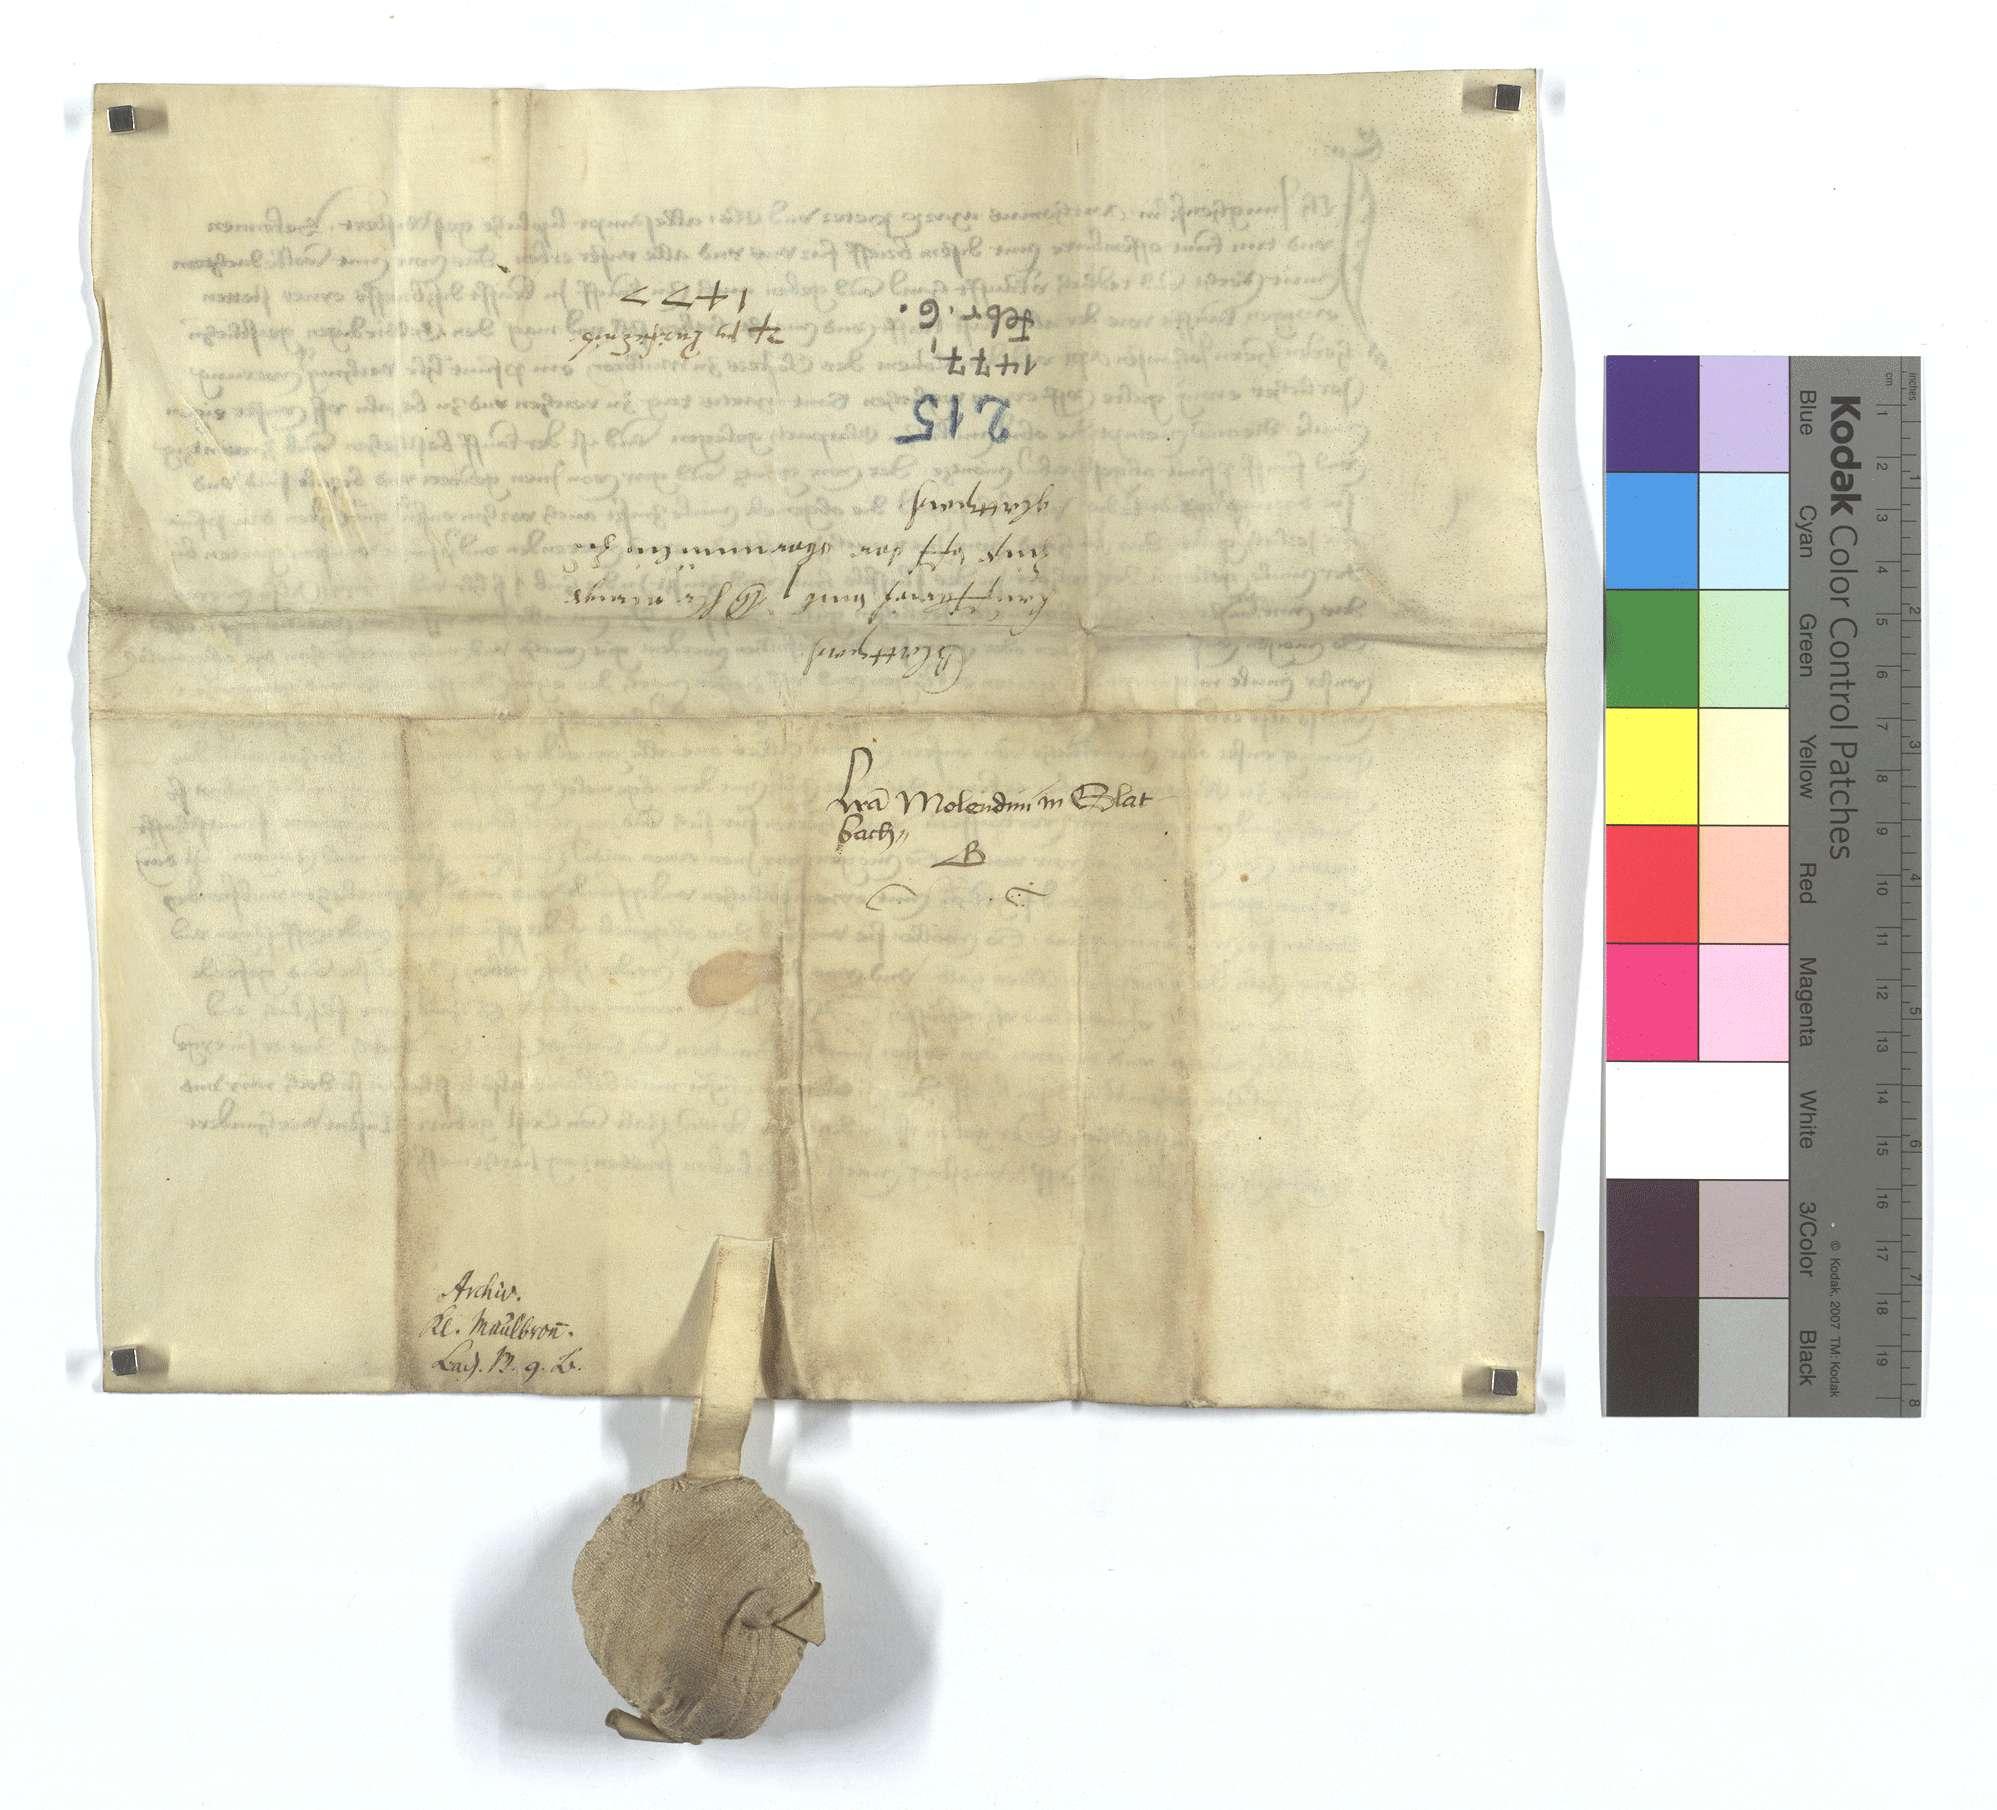 Fertigung um 1 Pfund Heller jährliche Gült aus der Oberen Mühle in Glattbach, die das Kloster Maulbronn käuflich an sich gebracht hat., Rückseite